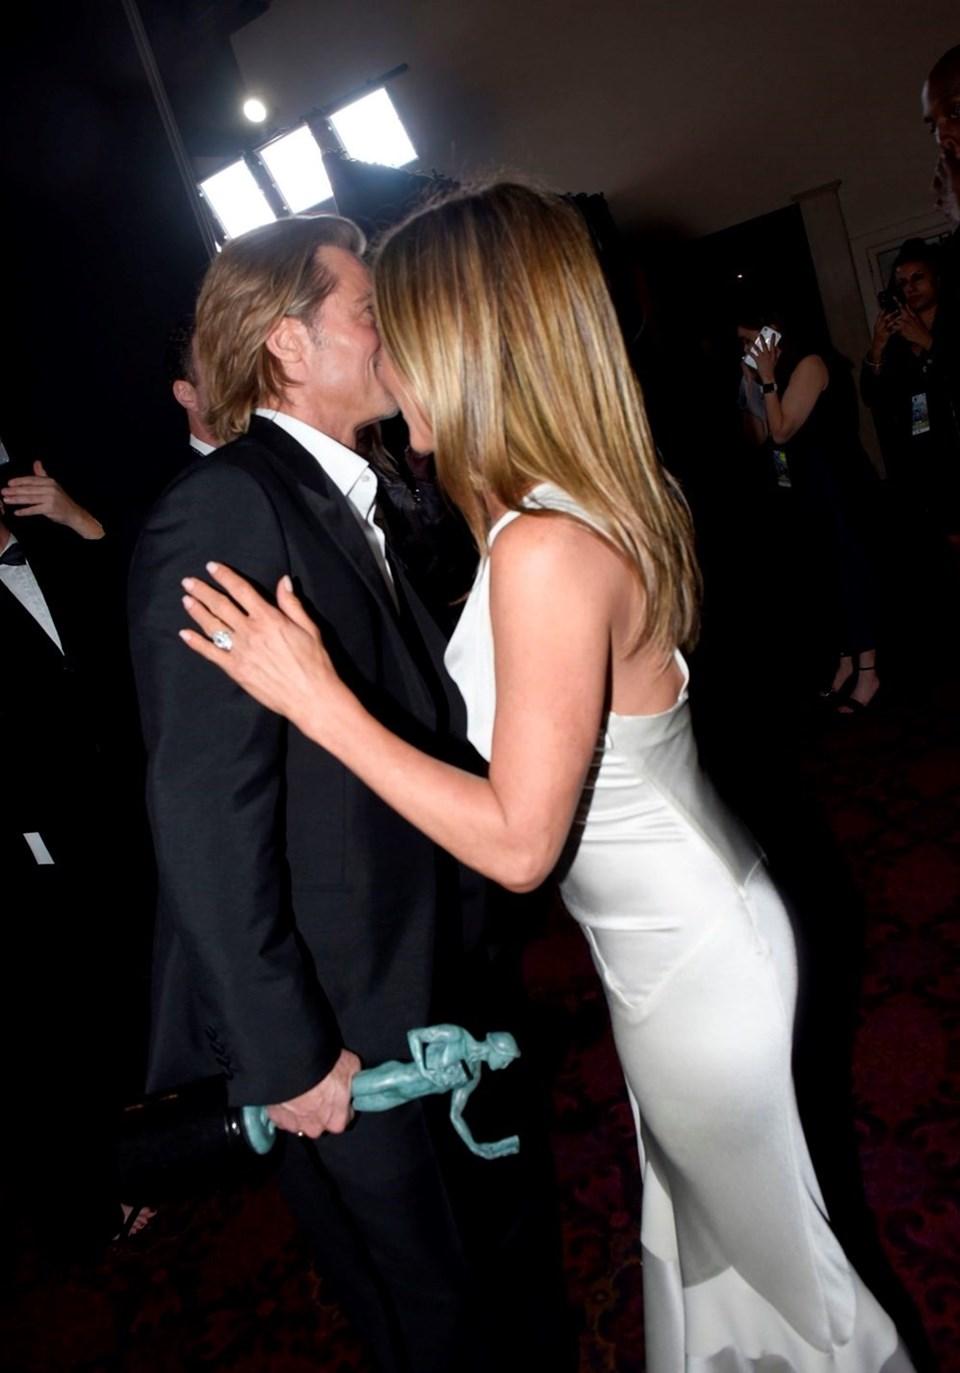 Pitt ile Aniston kameraların önünde birbirlerine dokunarak ve sarılarak sohbet etti